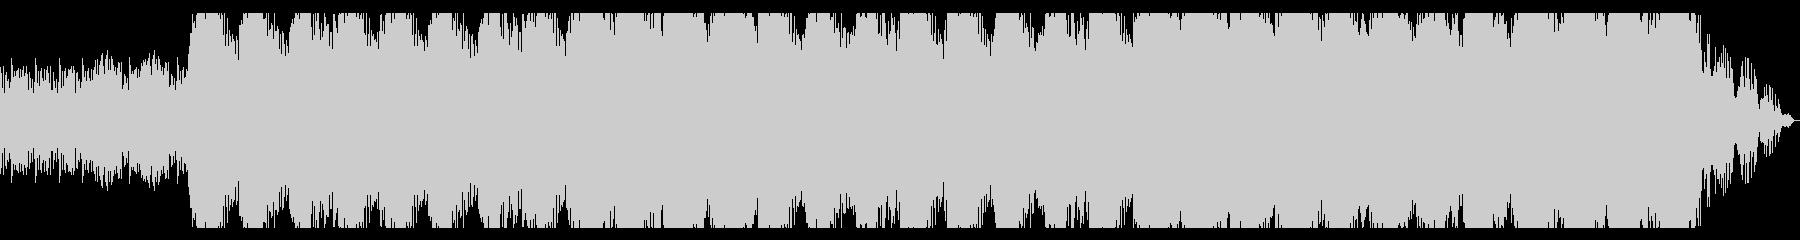 ドラムオーケストラが壮大に響くの未再生の波形